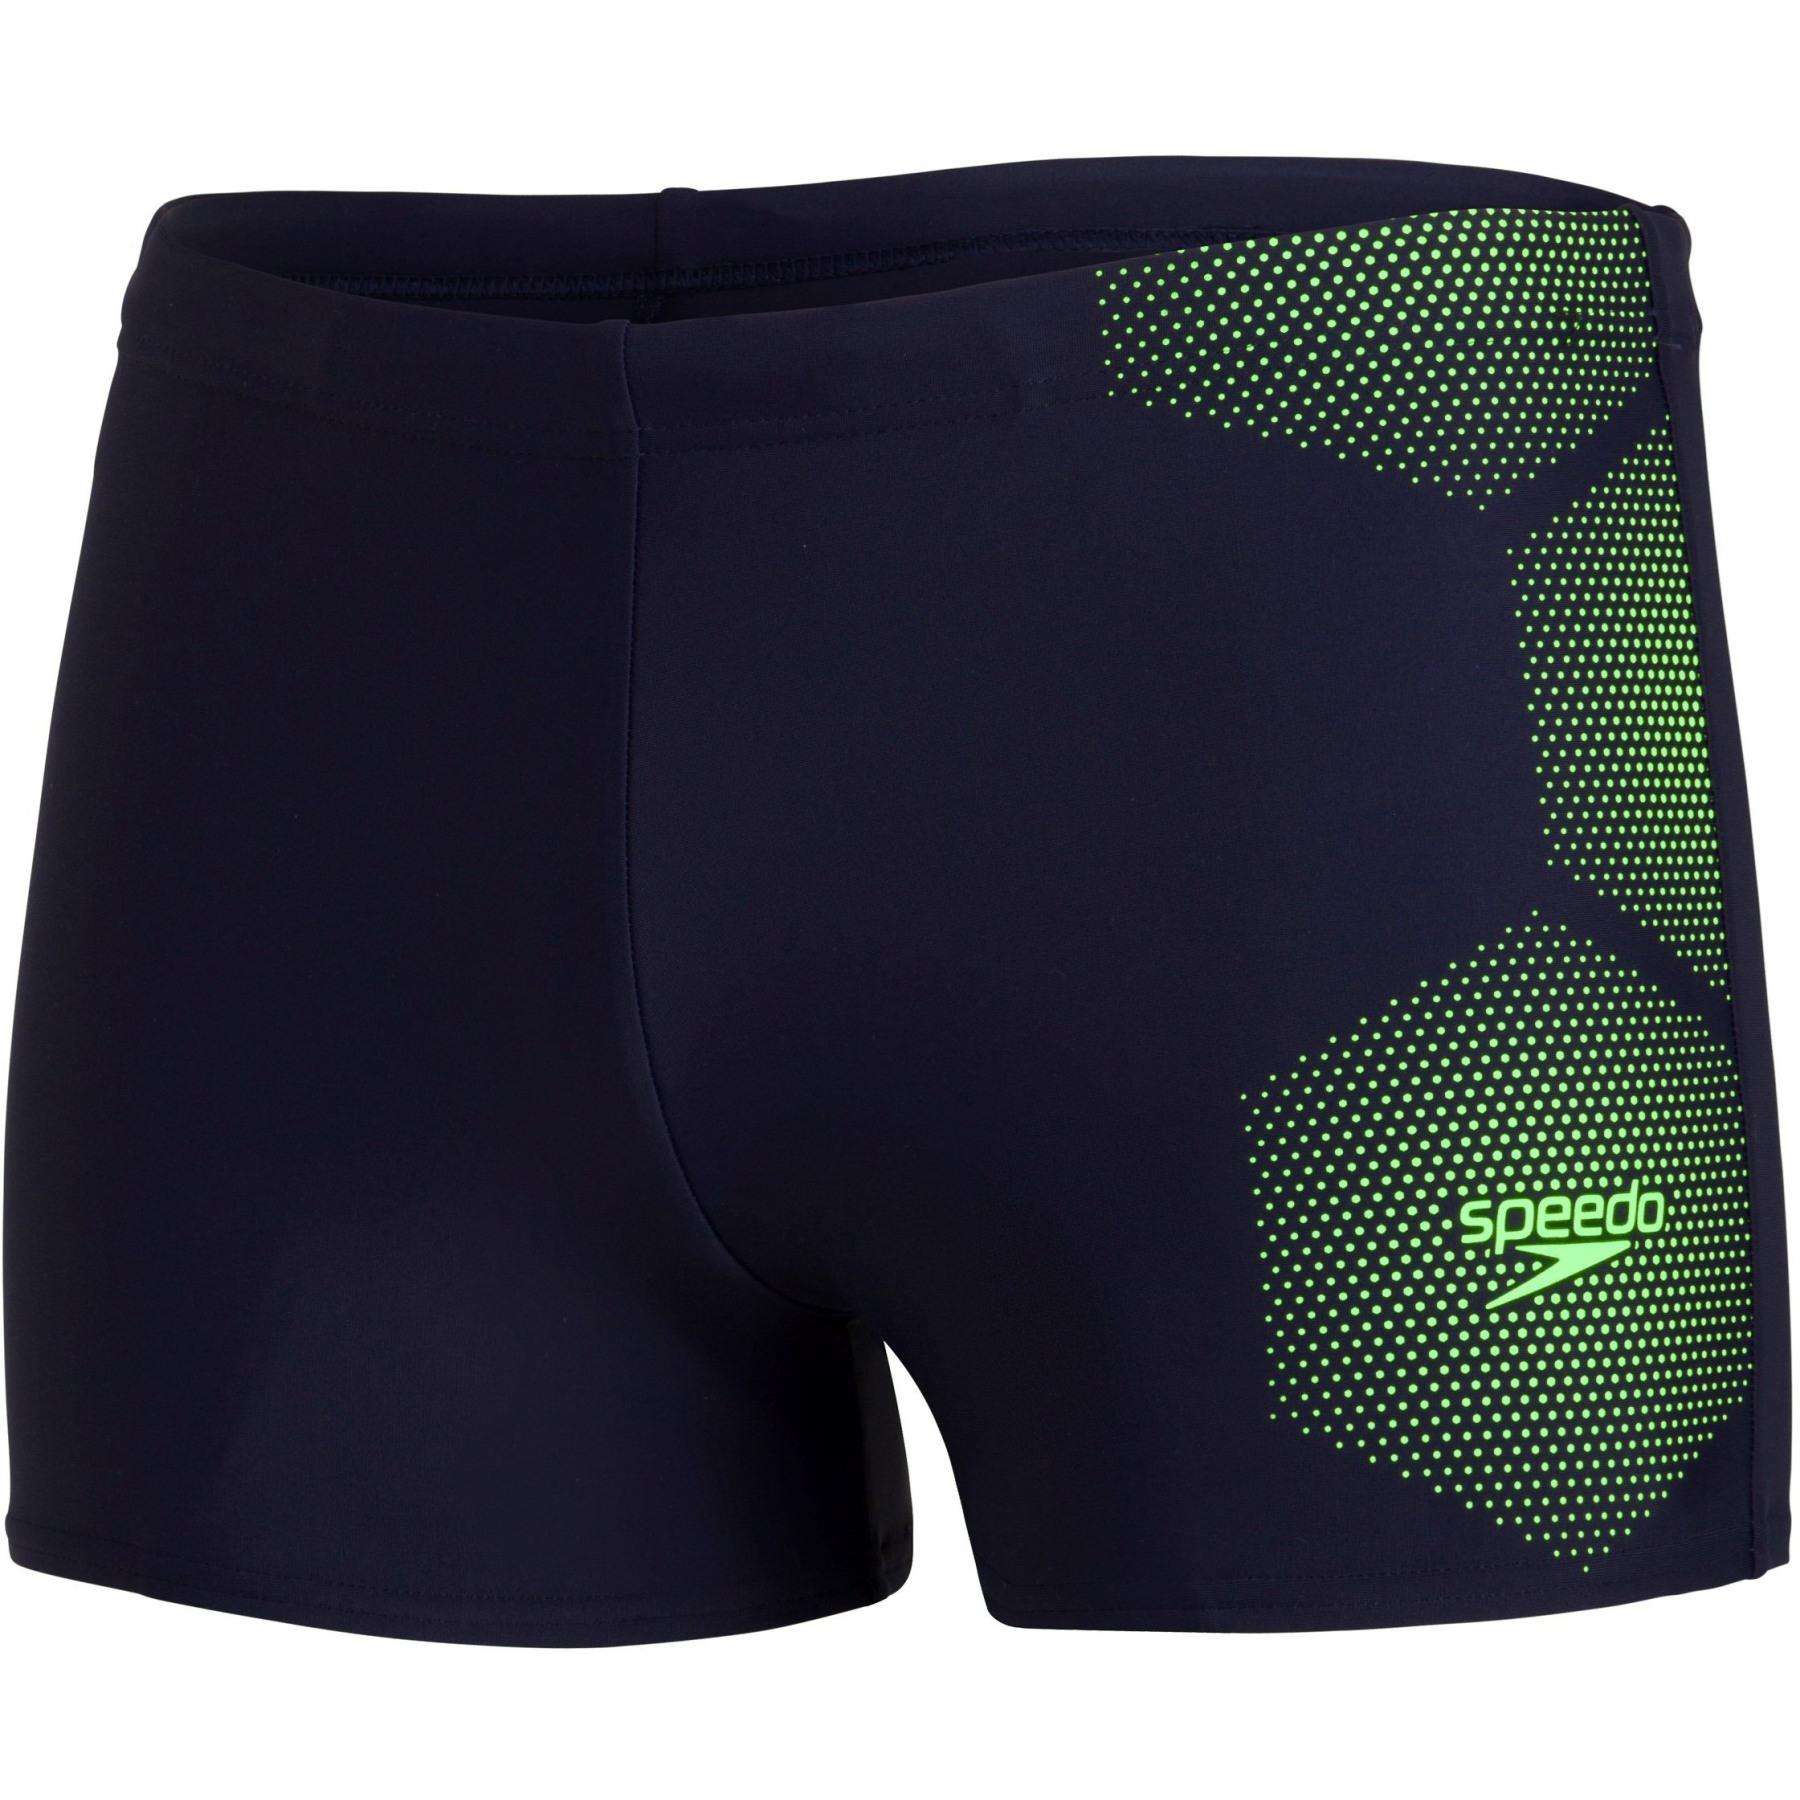 Speedo Tech Placement Aquashort Badehose - true navy/zest green